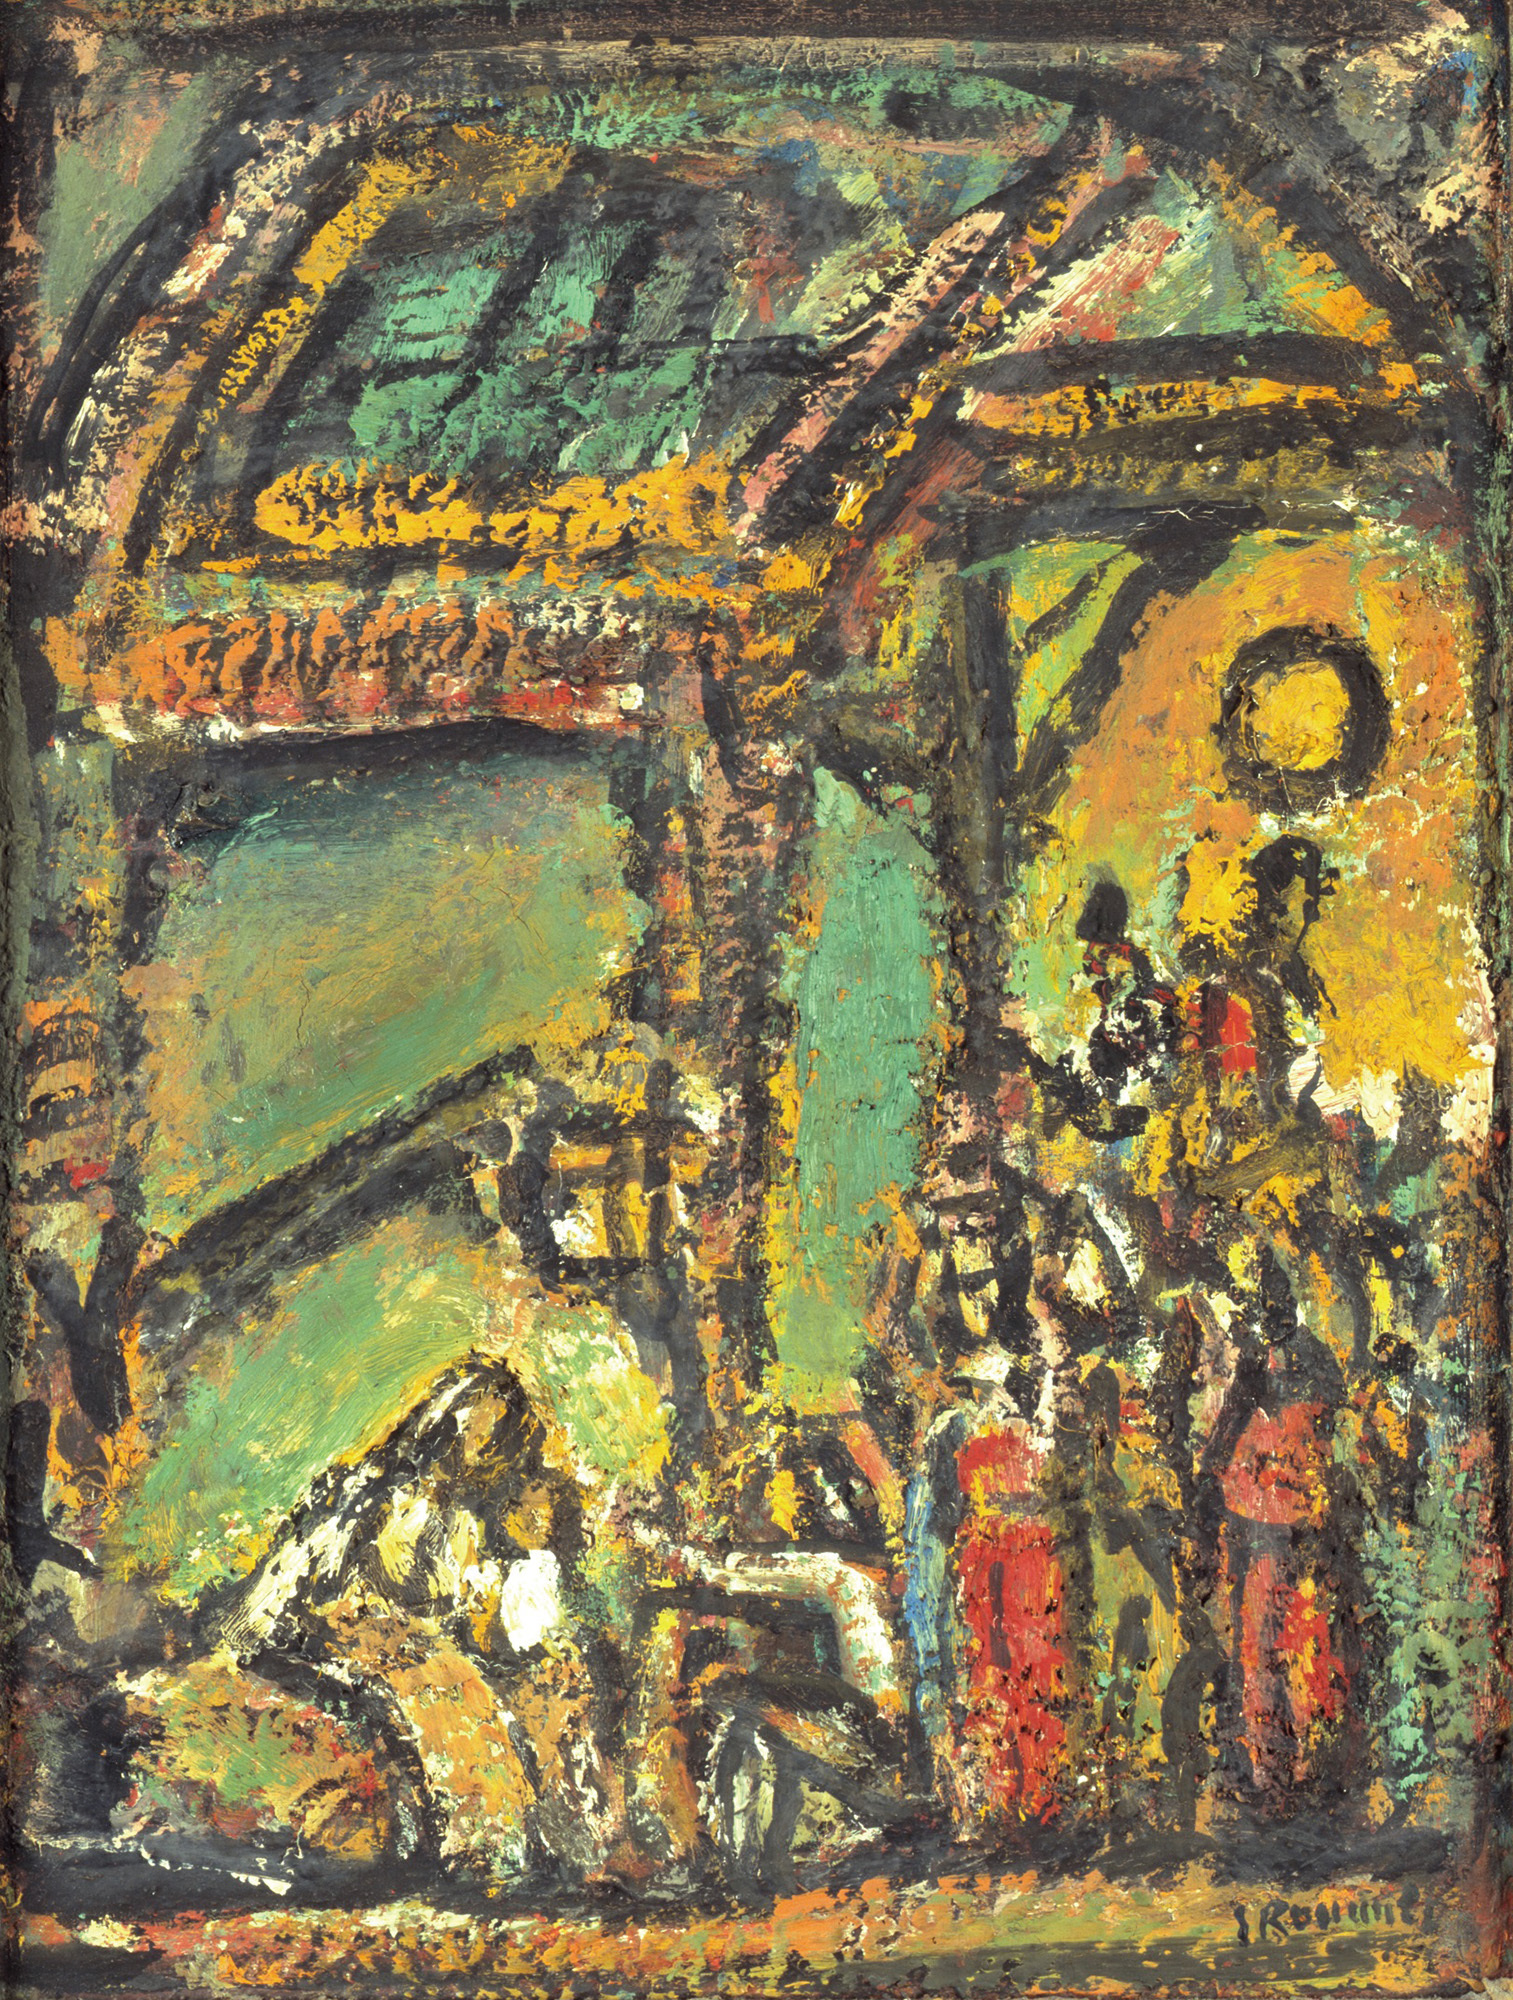 ジョルジュ・ルオー《降誕》1953年頃 ジョルジュ・ルオー財団蔵